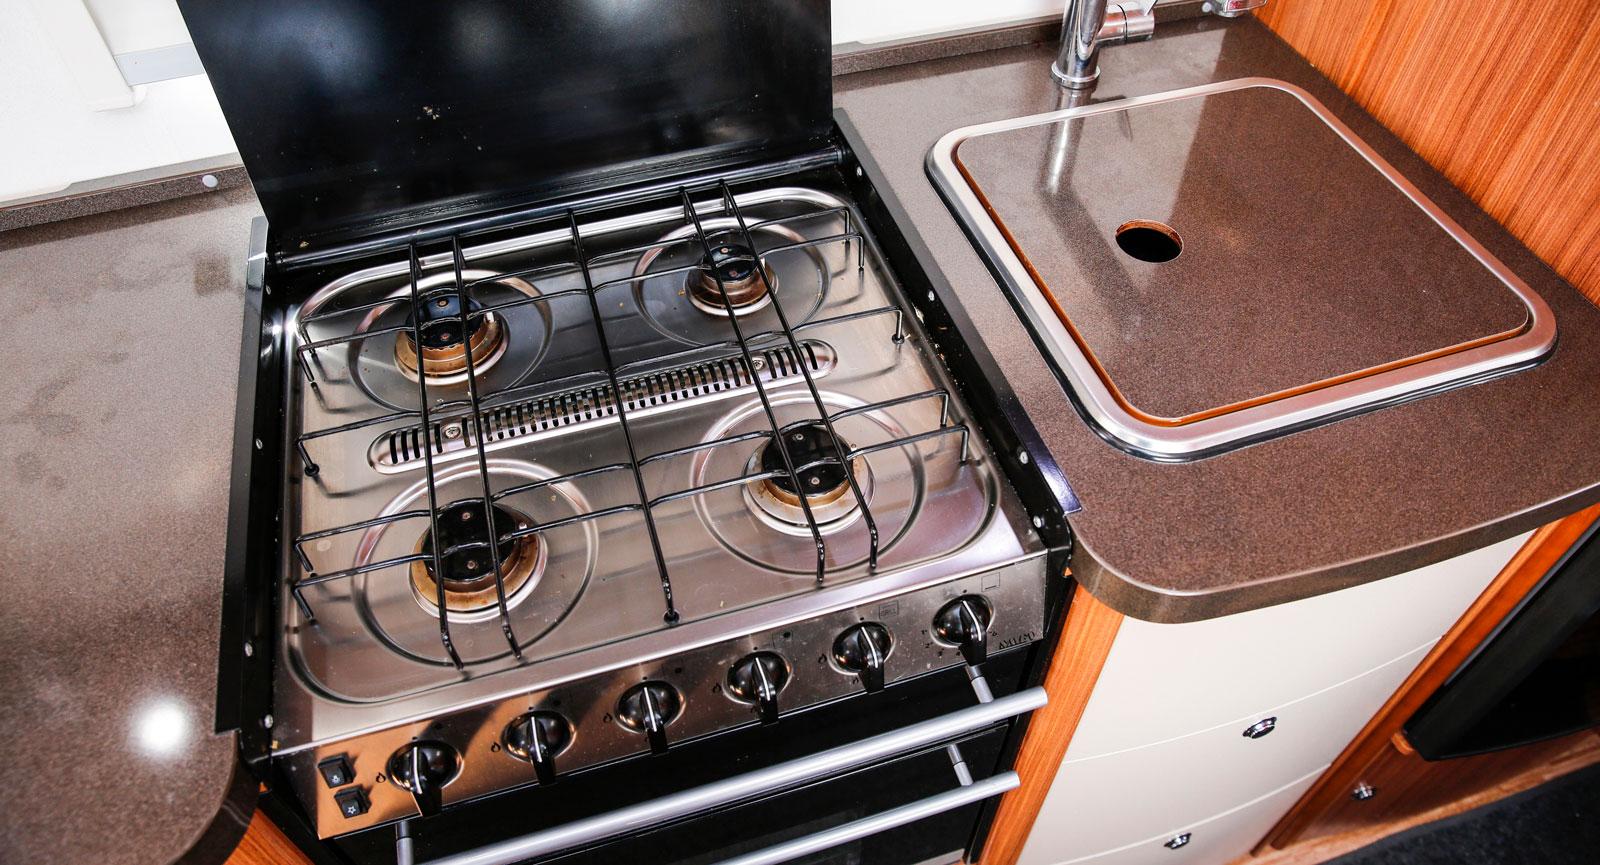 Fyra gasollågor, två ugnar och en stor vask lockar till matlagnings-äventyr i vagnen. Lucka till vasken ger extra arbetsyta.